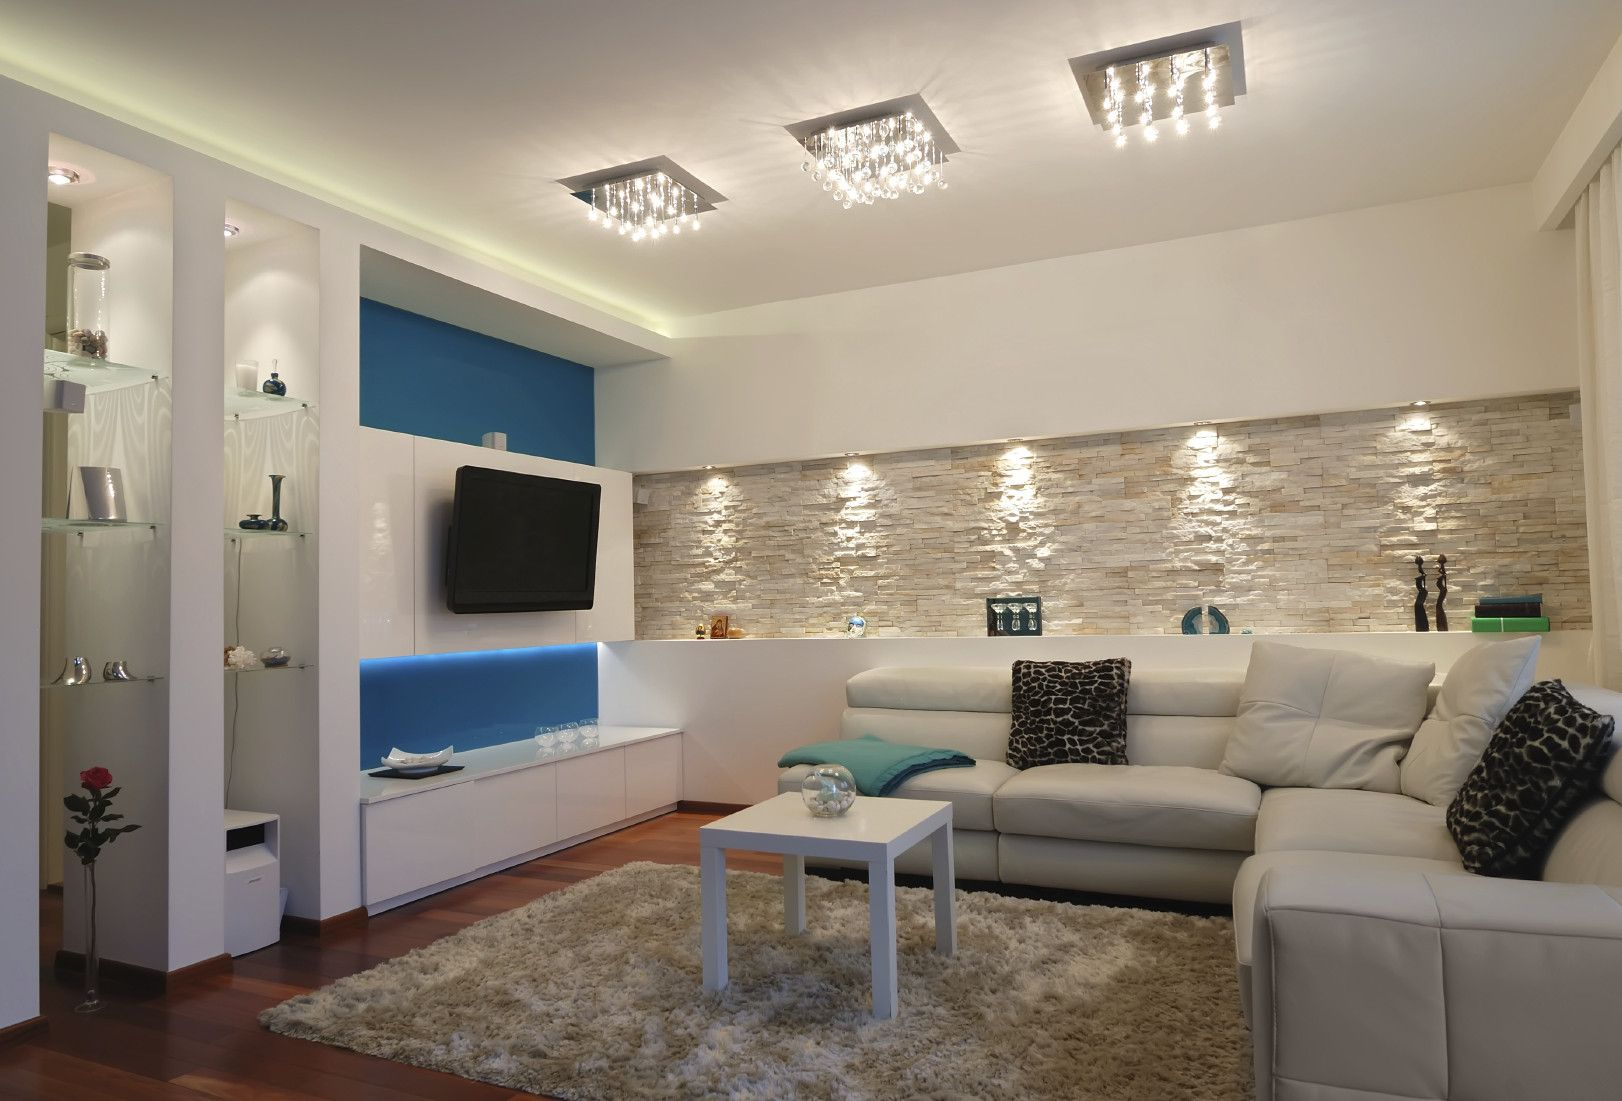 Hochwertig Coole Beleuchtungsideen Für Wohnzimmer Mit Indirekter Beleuchtung